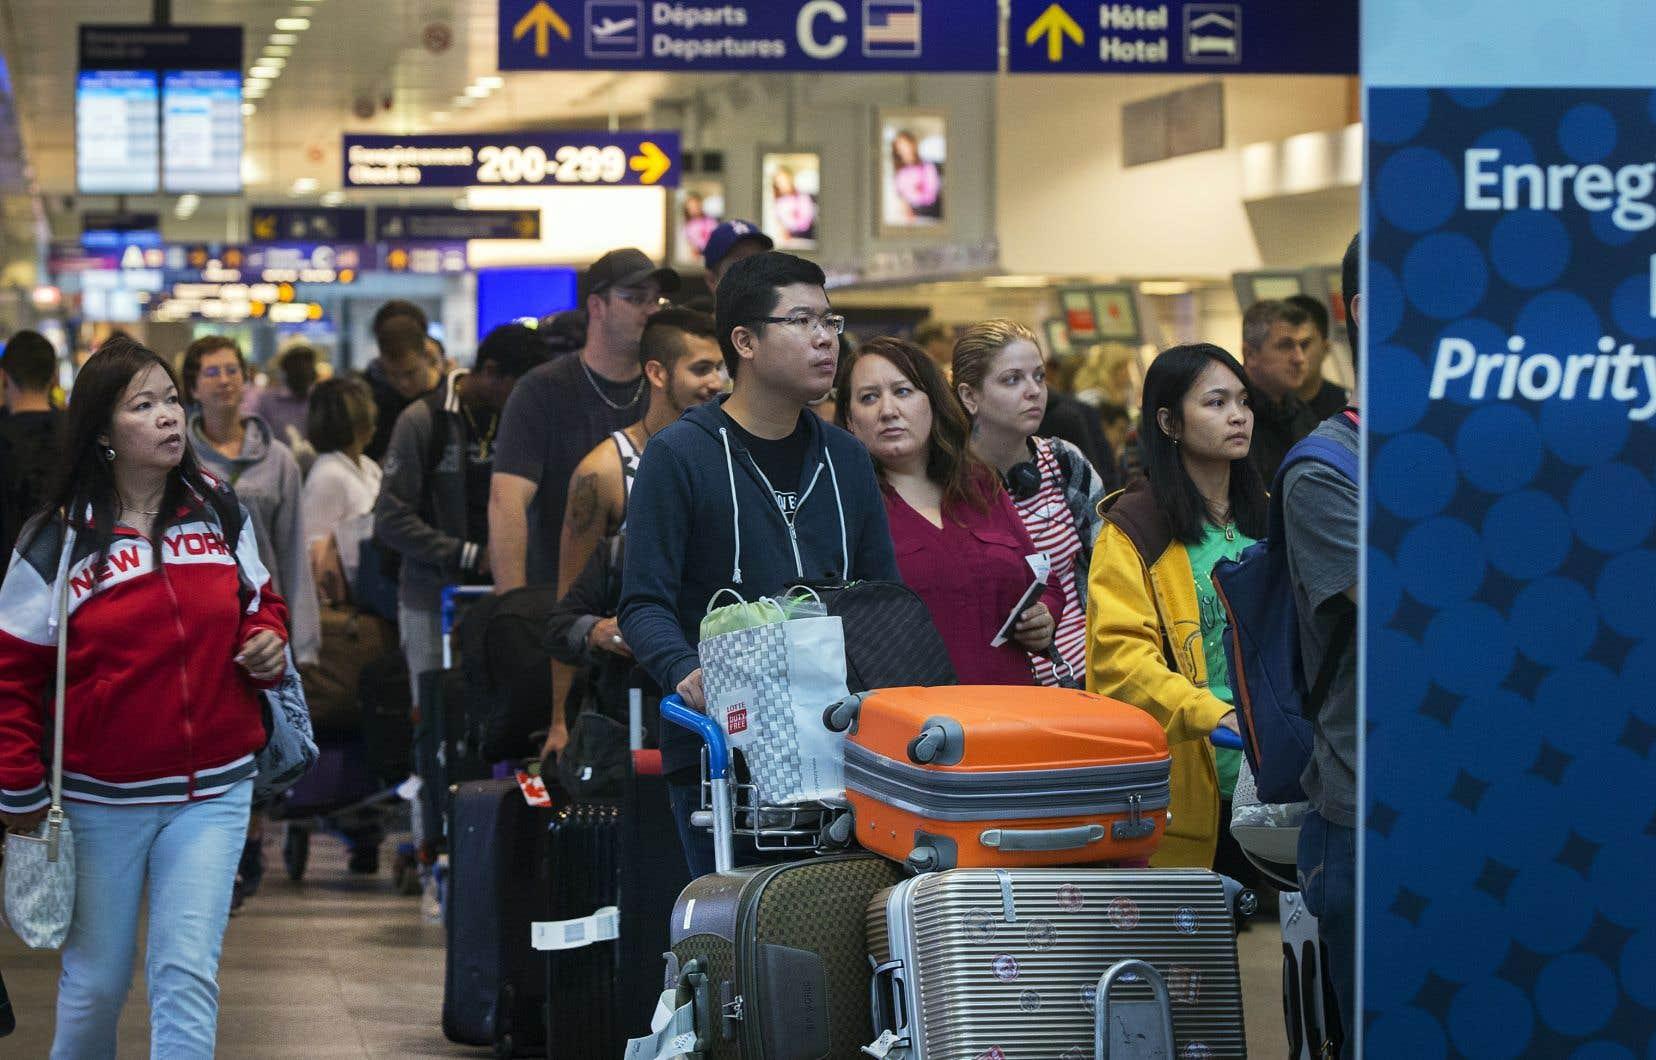 Des données révèlent que bon nombre de voyageurs ne connaissent pas leurs droits contenus dans la charte.